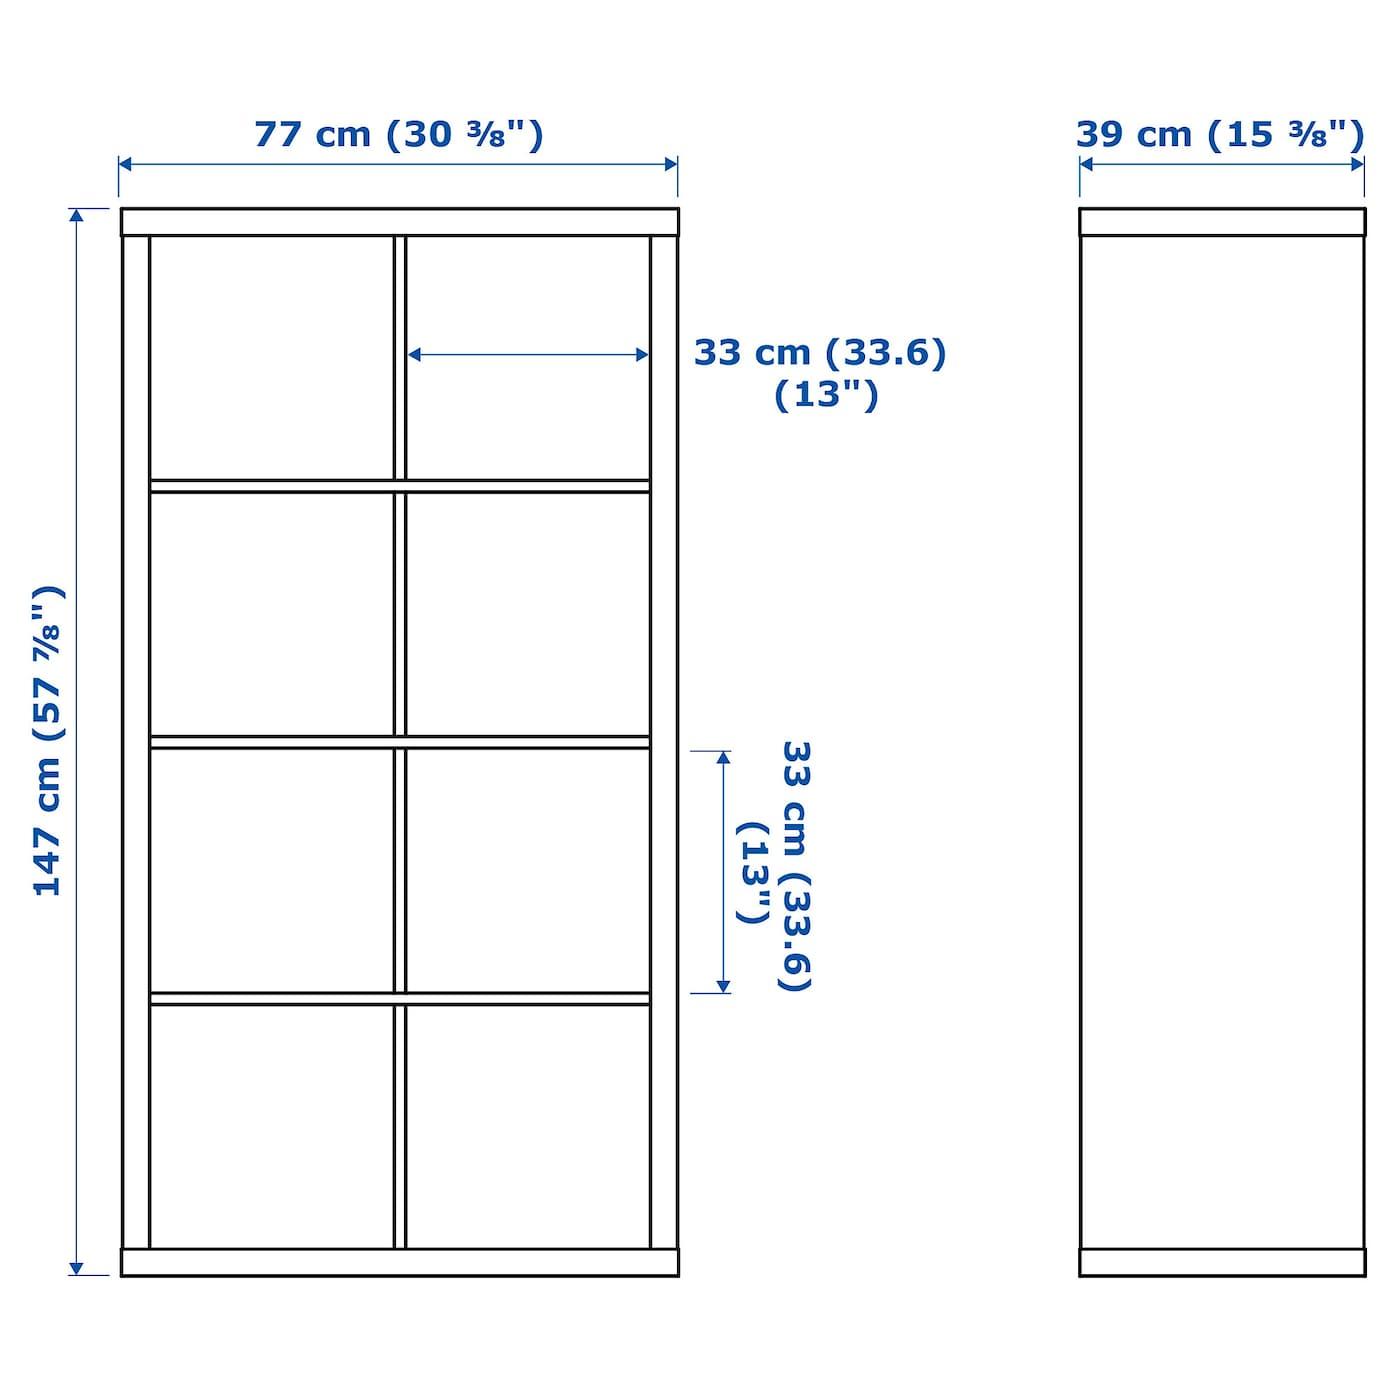 Libreria Profondità 15 Cm kallax scaffale - lucido bianco 77x147 cm